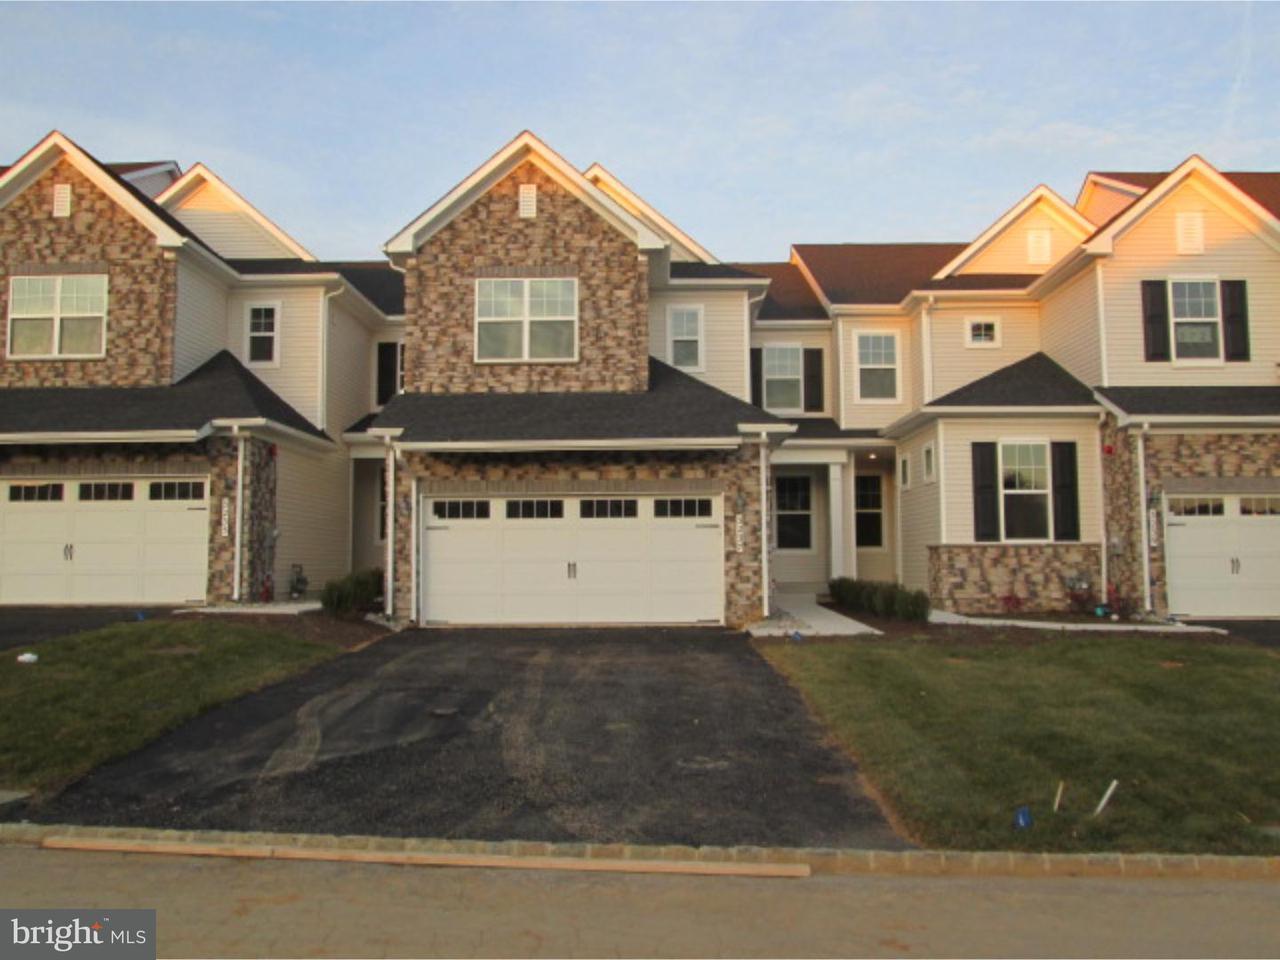 联栋屋 为 出租 在 3237 KRISTA Lane 切斯特斯普林斯, 宾夕法尼亚州 19425 美国